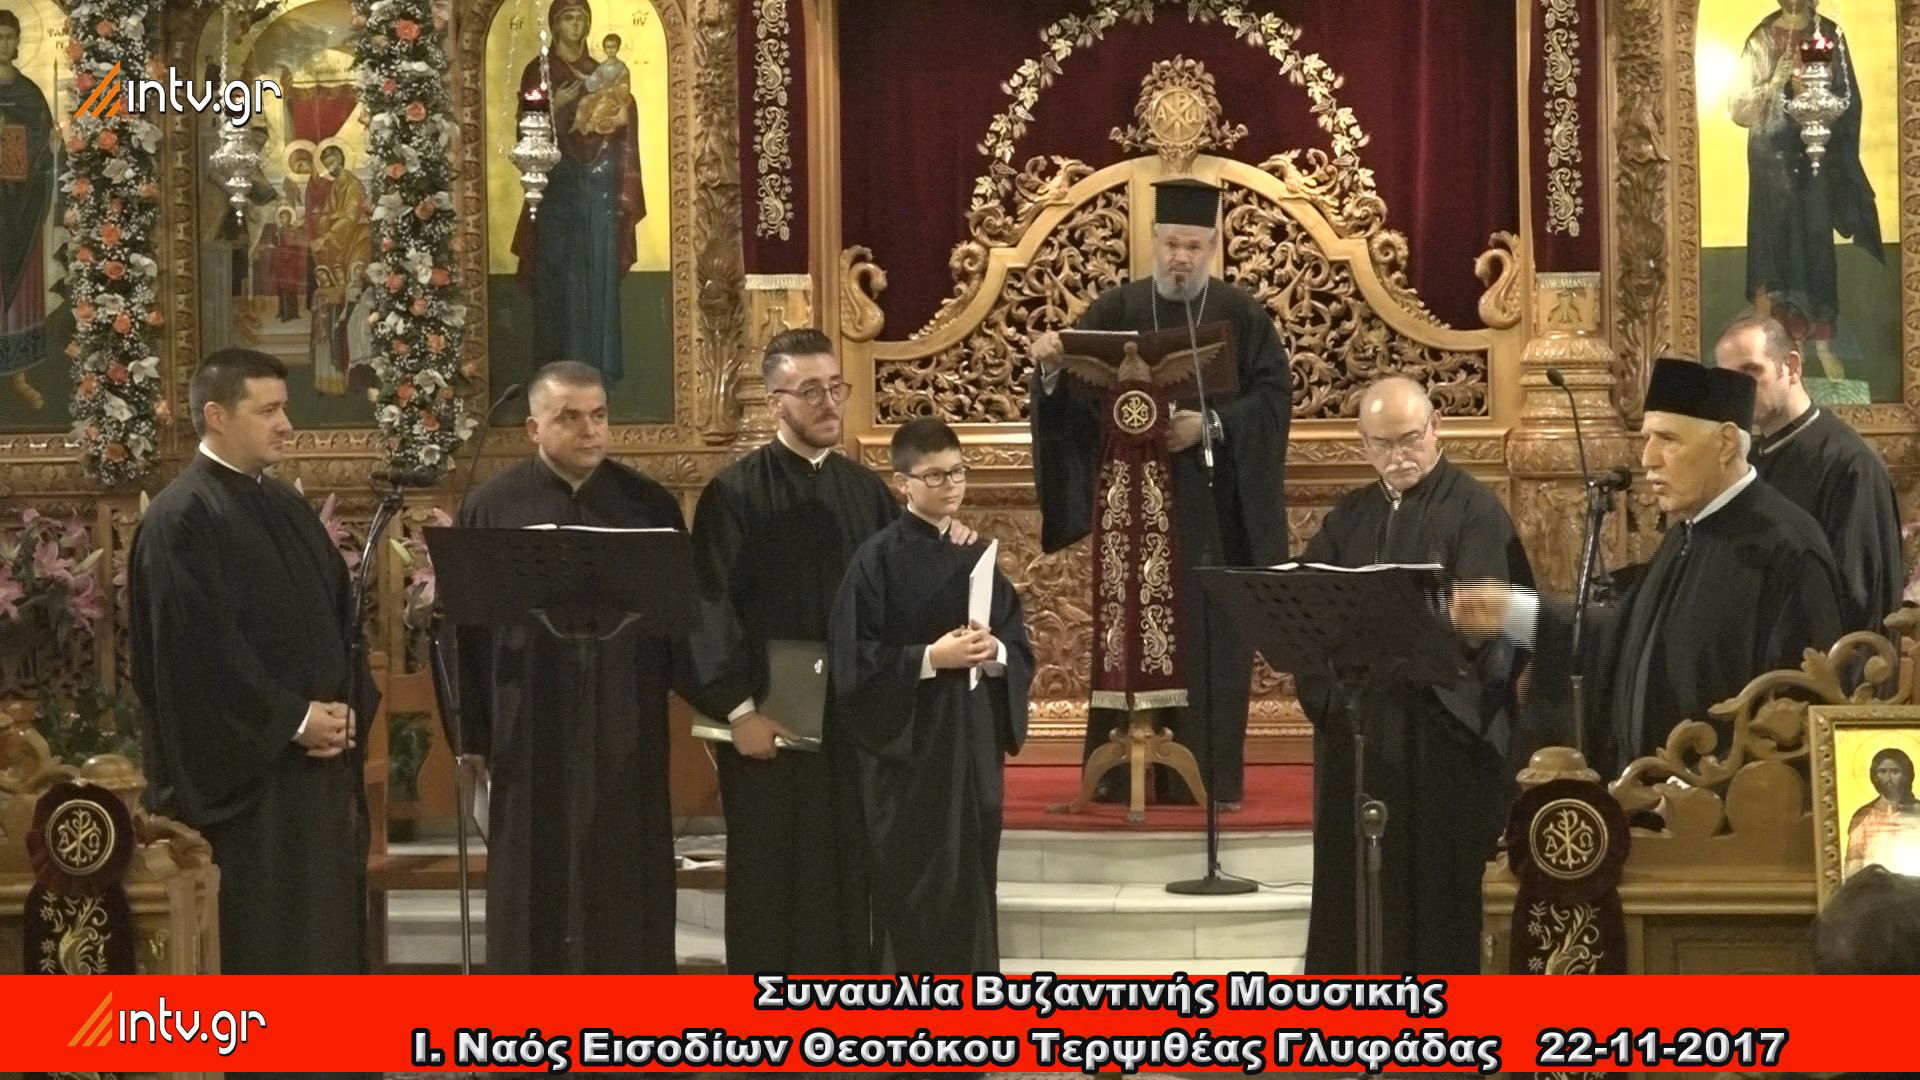 Συναυλία Βυζαντινής Μουσικής - Ι. Ναός Εισοδίων Θεοτόκου Τερψιθέας Γλυφάδας